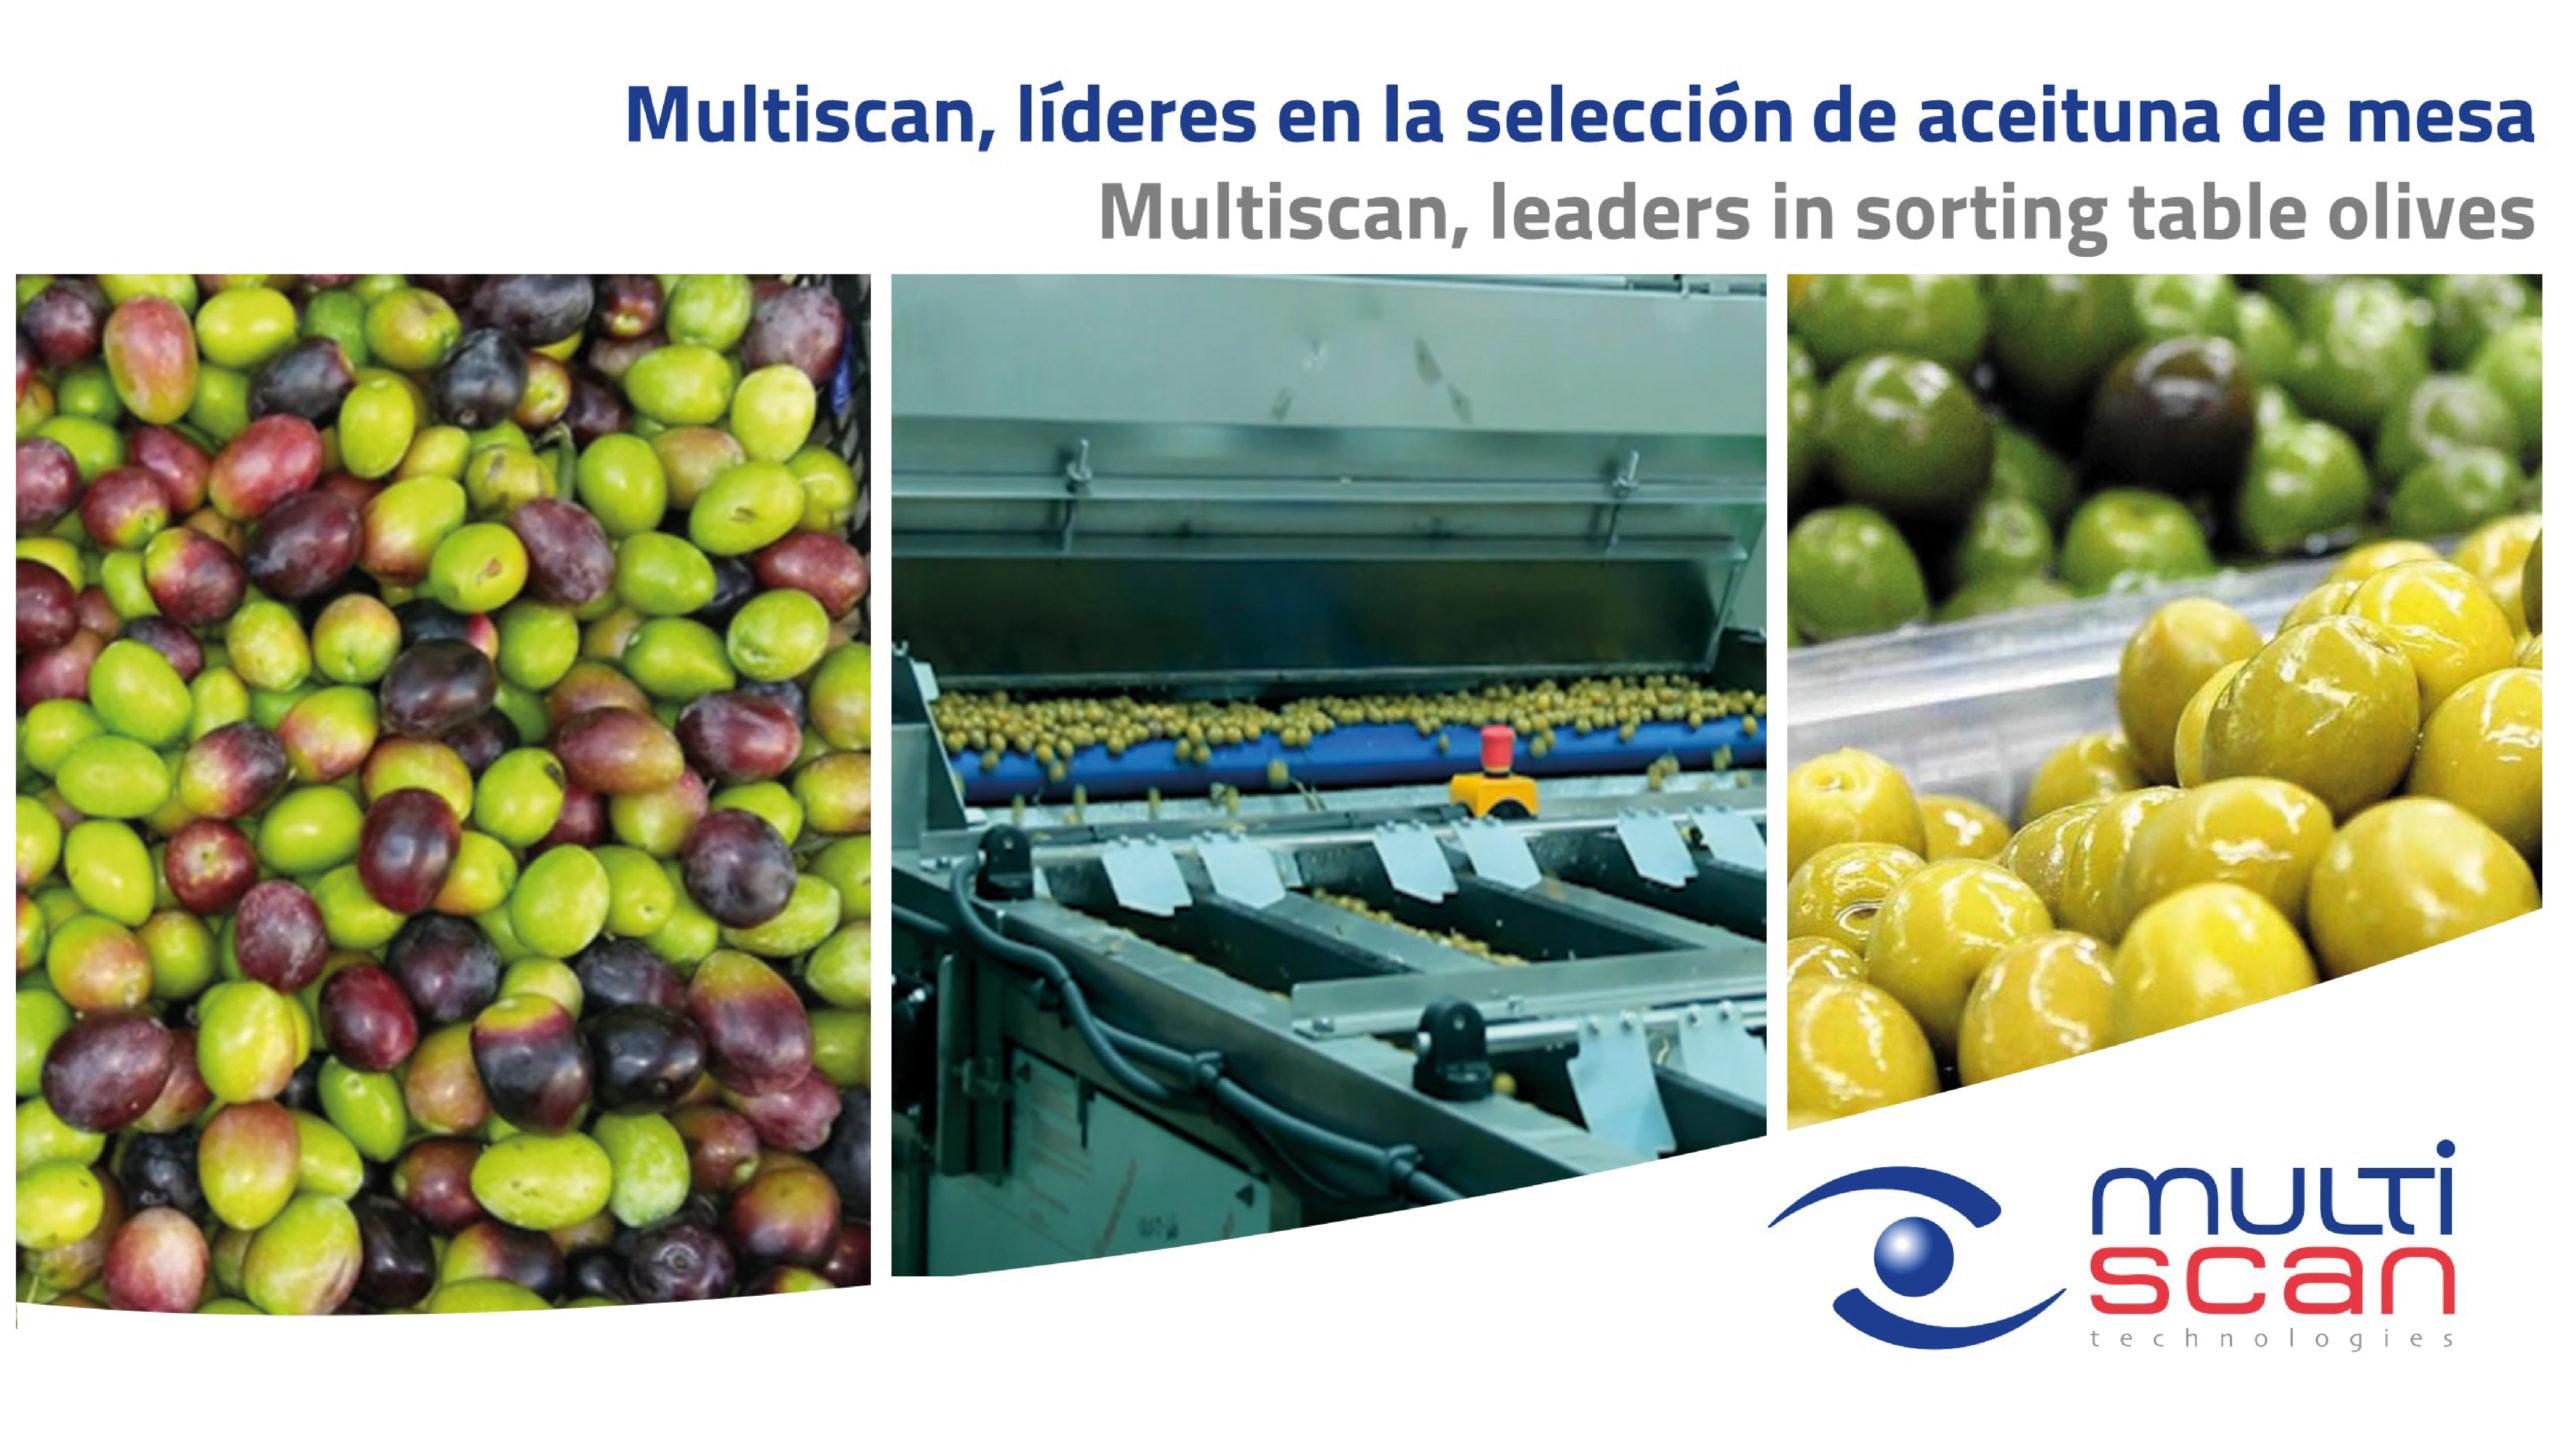 Multiscan, líderes en la selección de aceituna de mesa